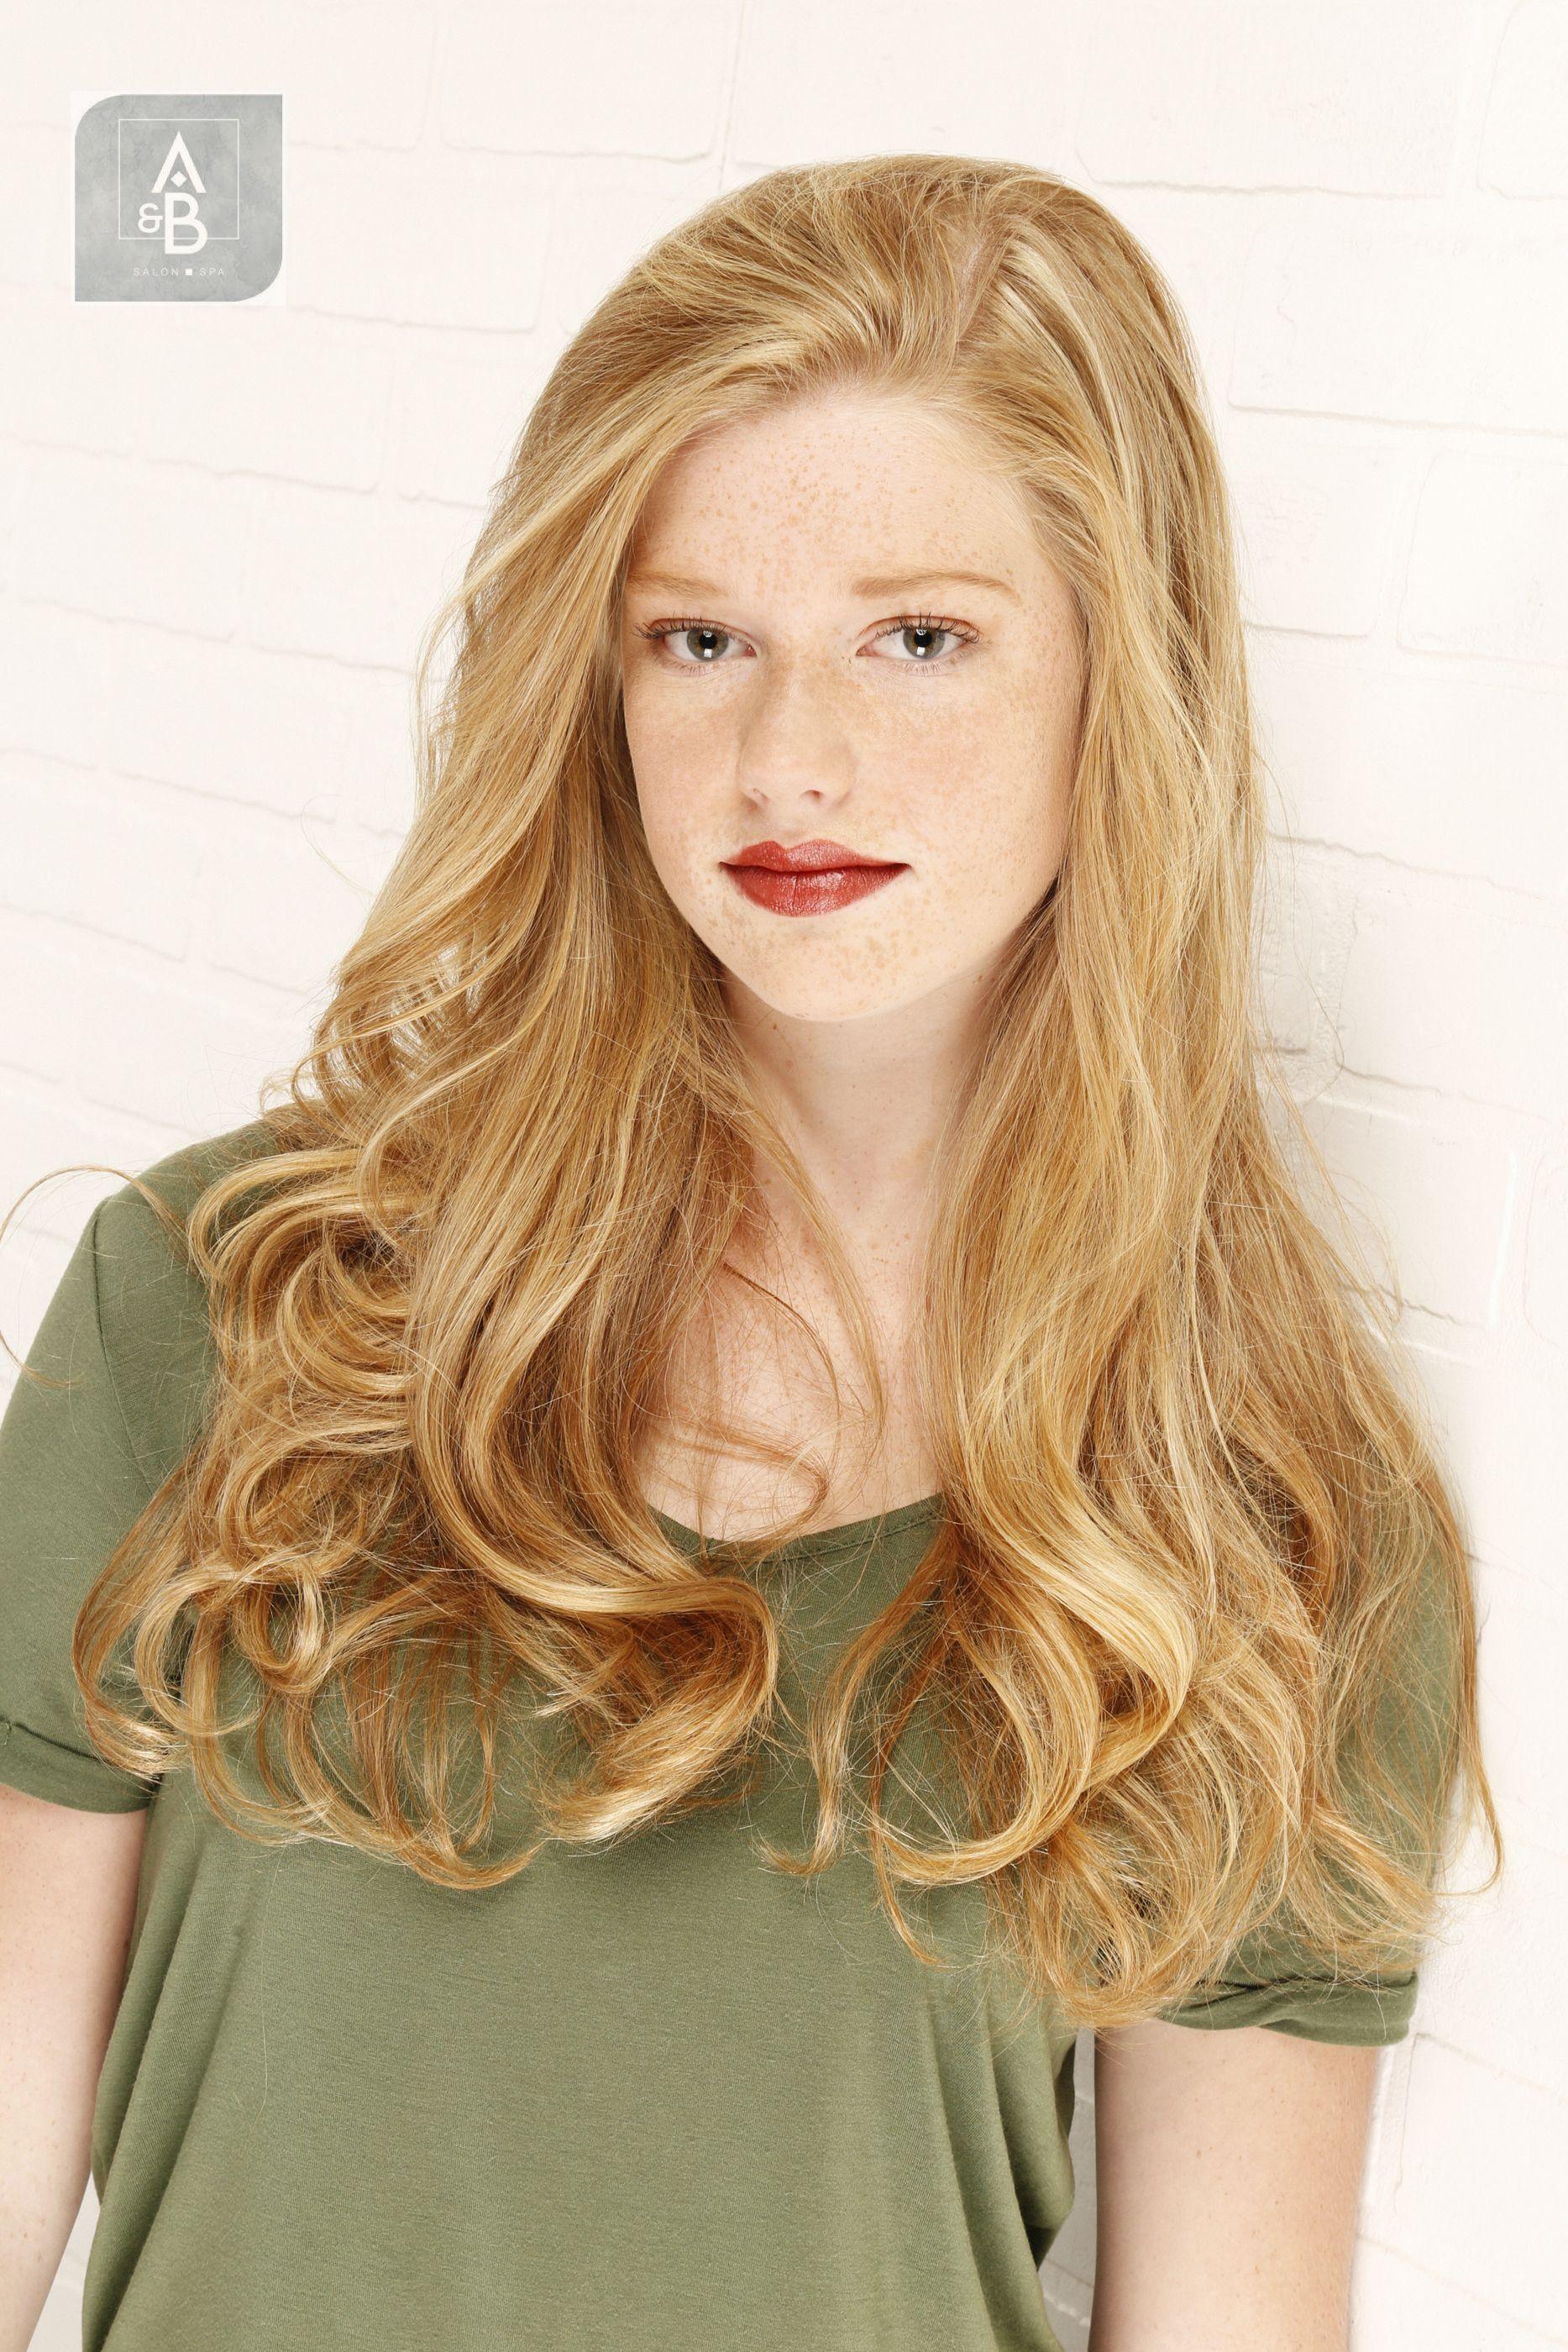 long hair, strawberry blonde hair, red hair, beautiful hair, curls